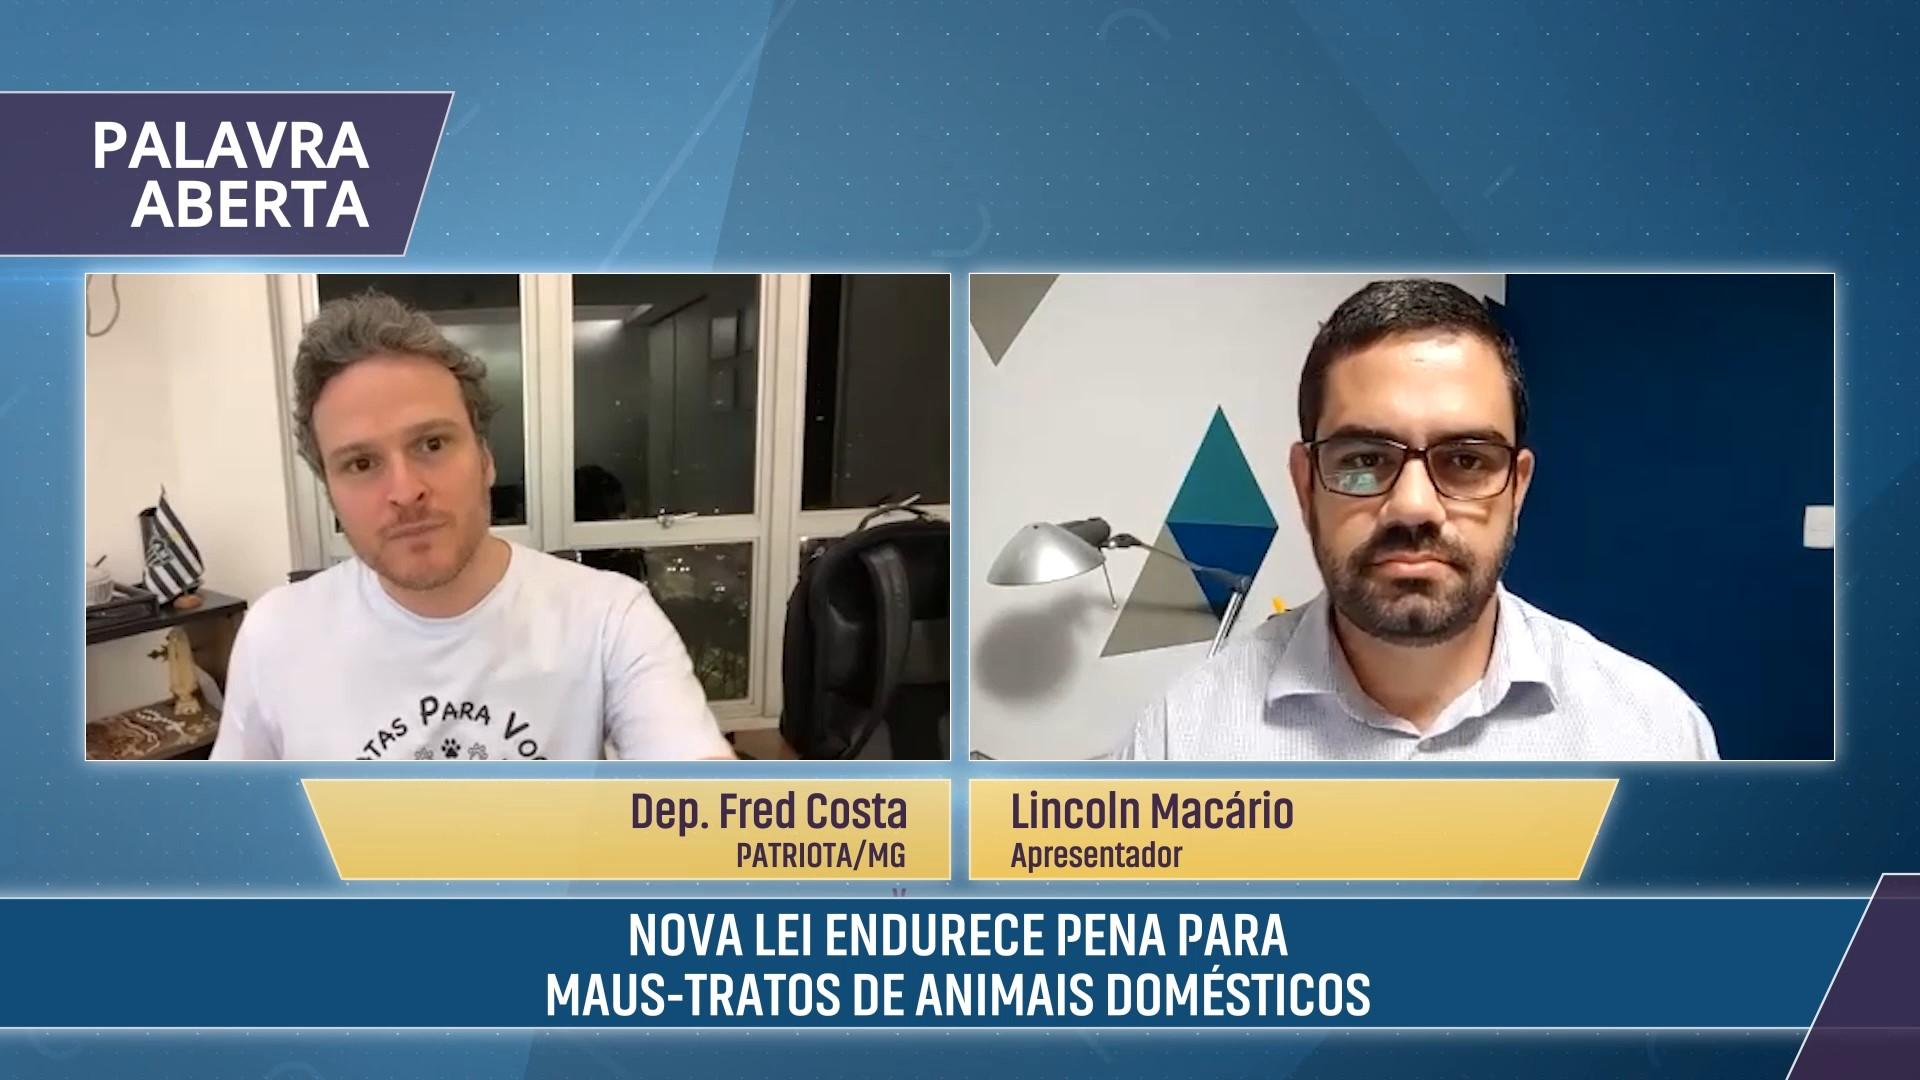 Nova lei endurece penas para maus-tratos a animais domésticos